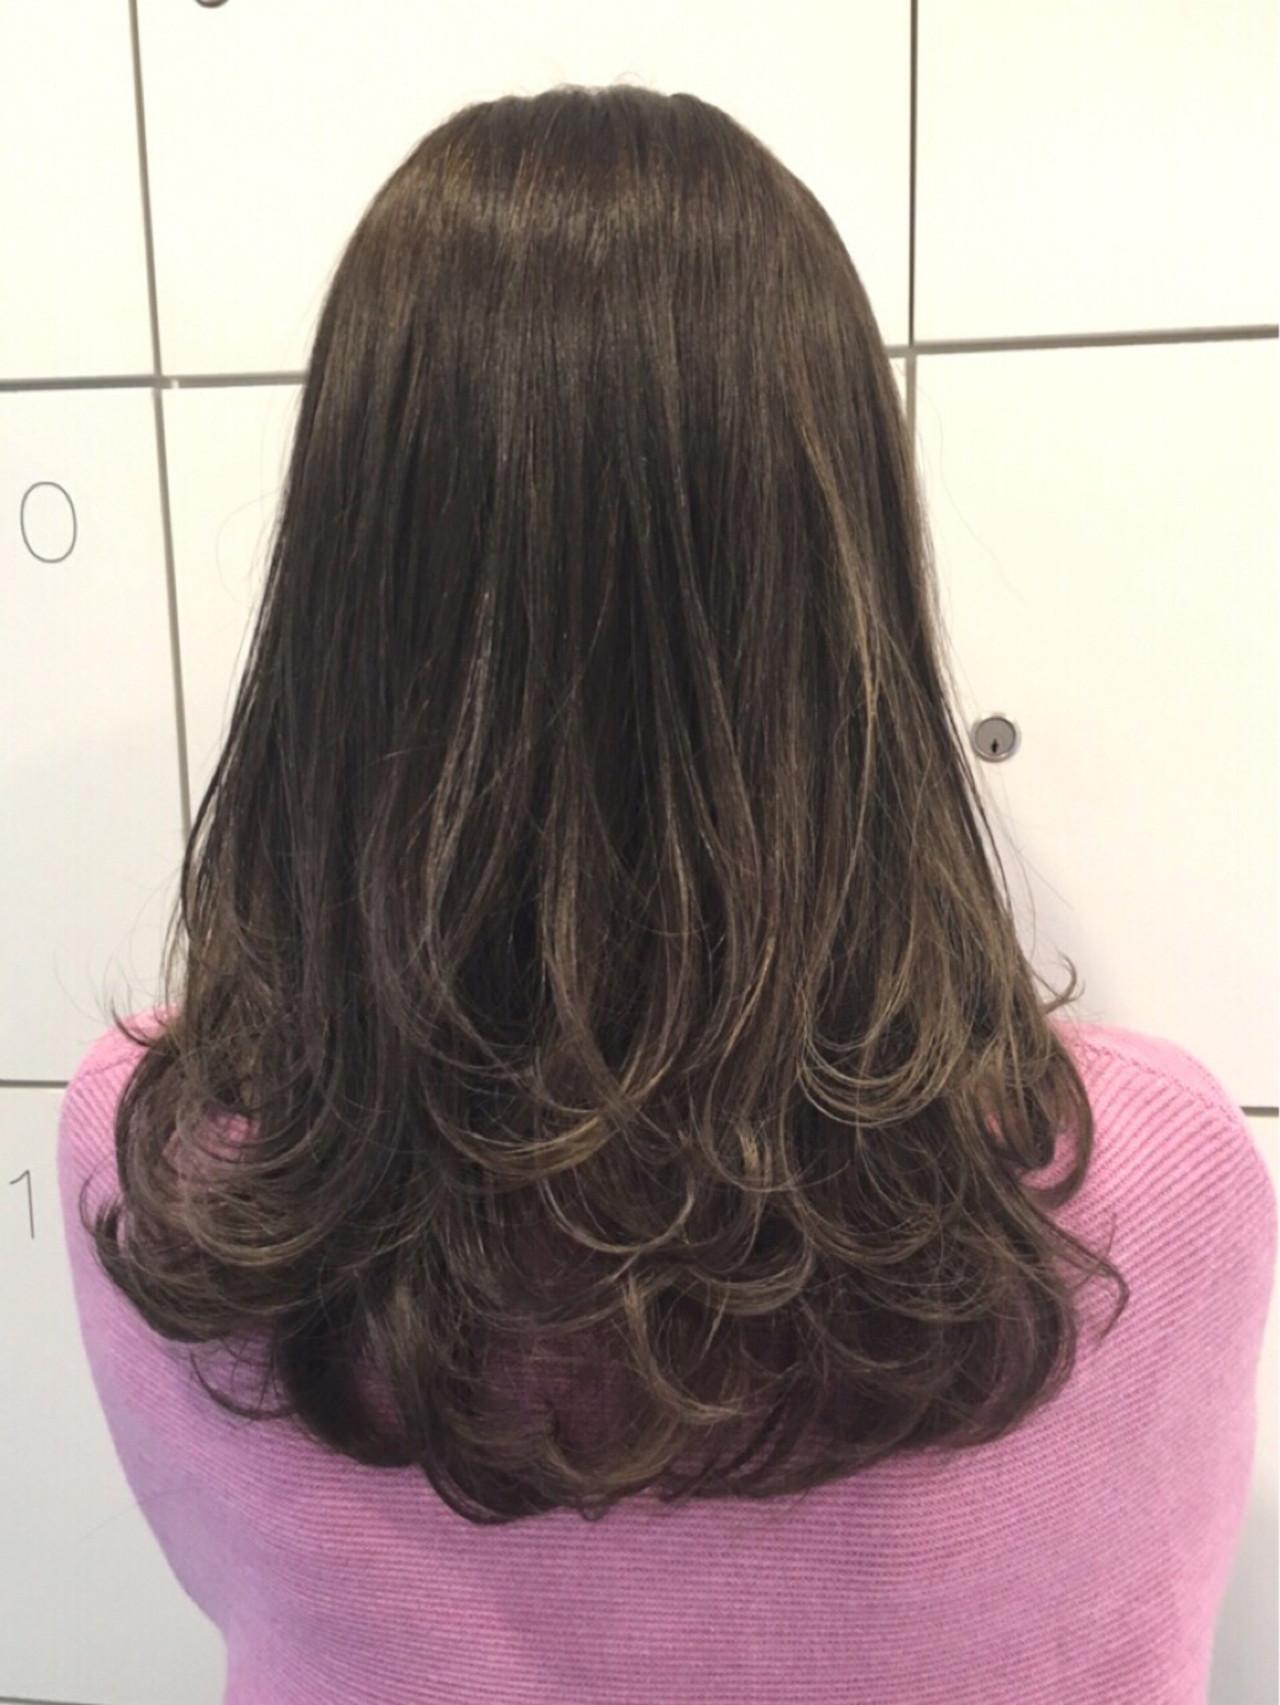 ストリート アッシュグレージュ アッシュグレー セミロングヘアスタイルや髪型の写真・画像